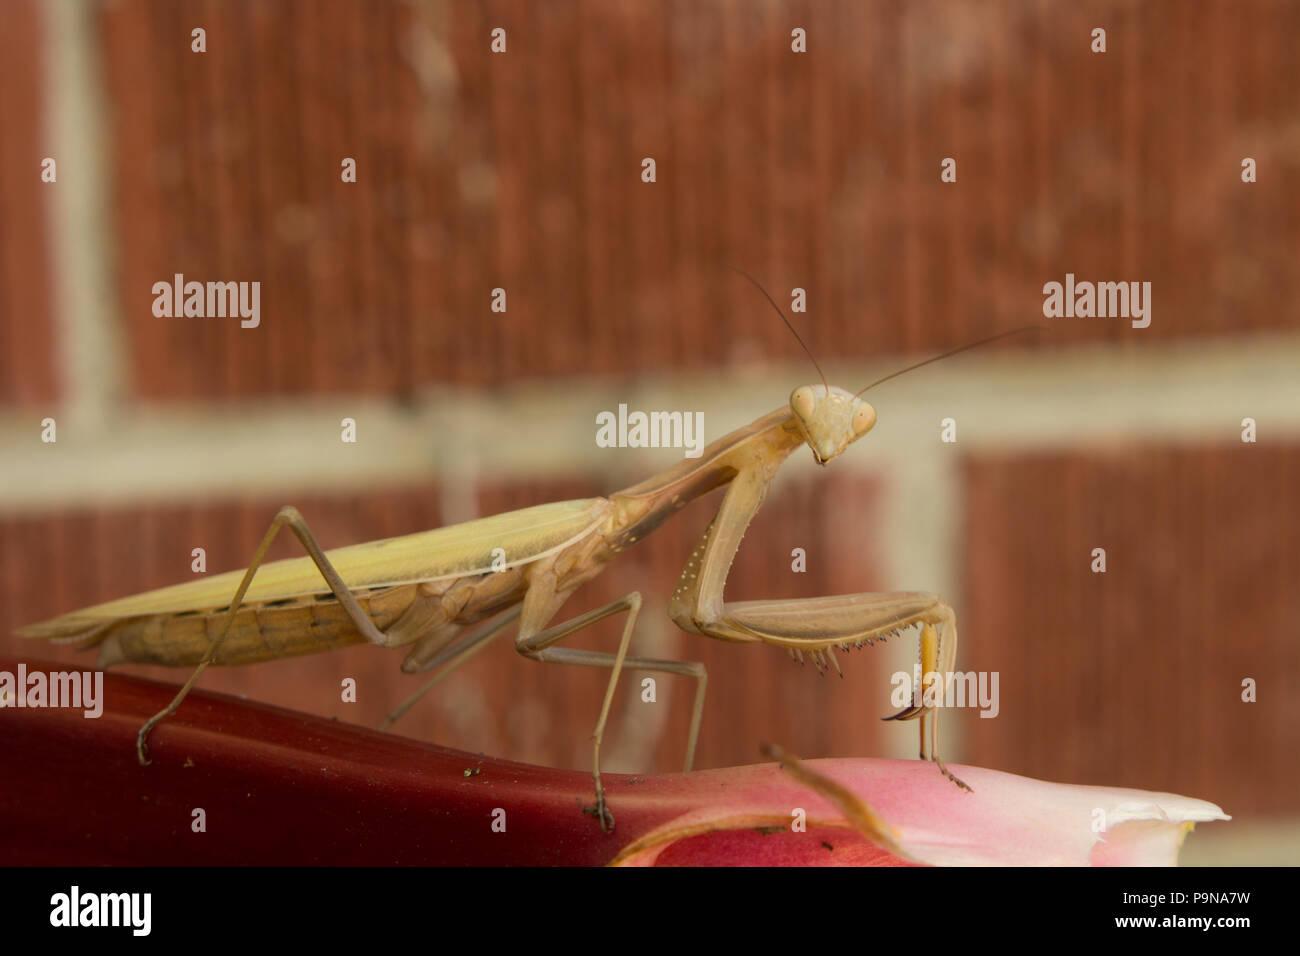 Ein preying Mantis auf einen Stiel mit Rhabarber sie herauf. Stockbild